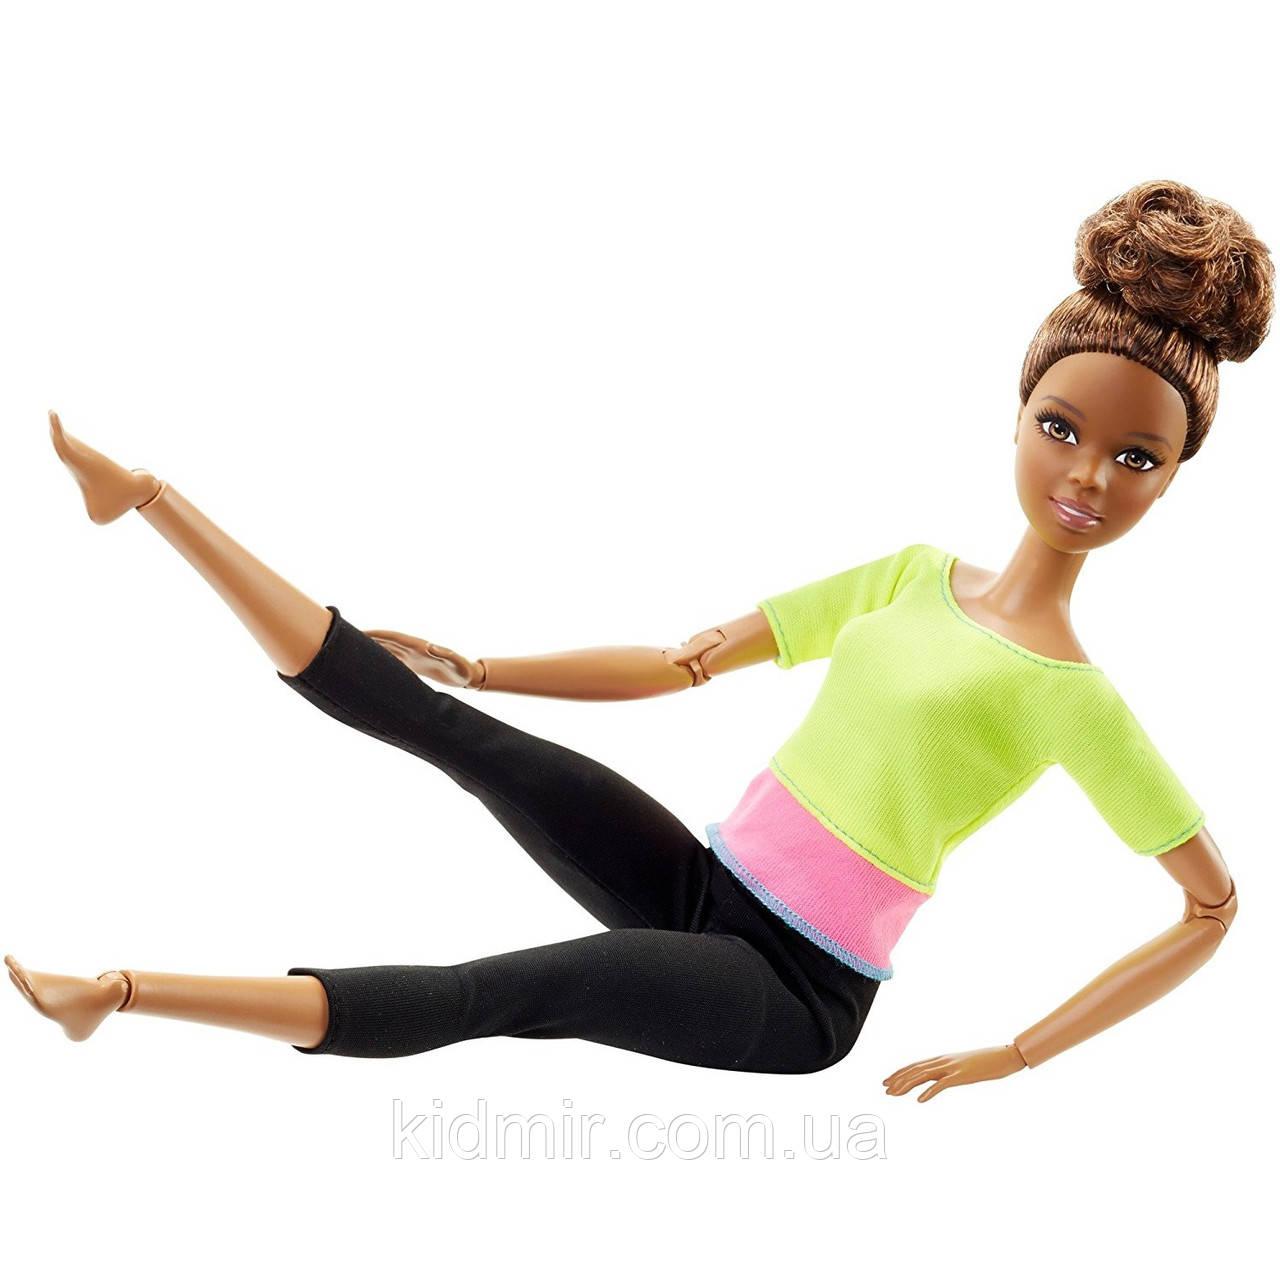 Кукла Барби Двигайся как Я Йога Barbie Made to Move DHL83